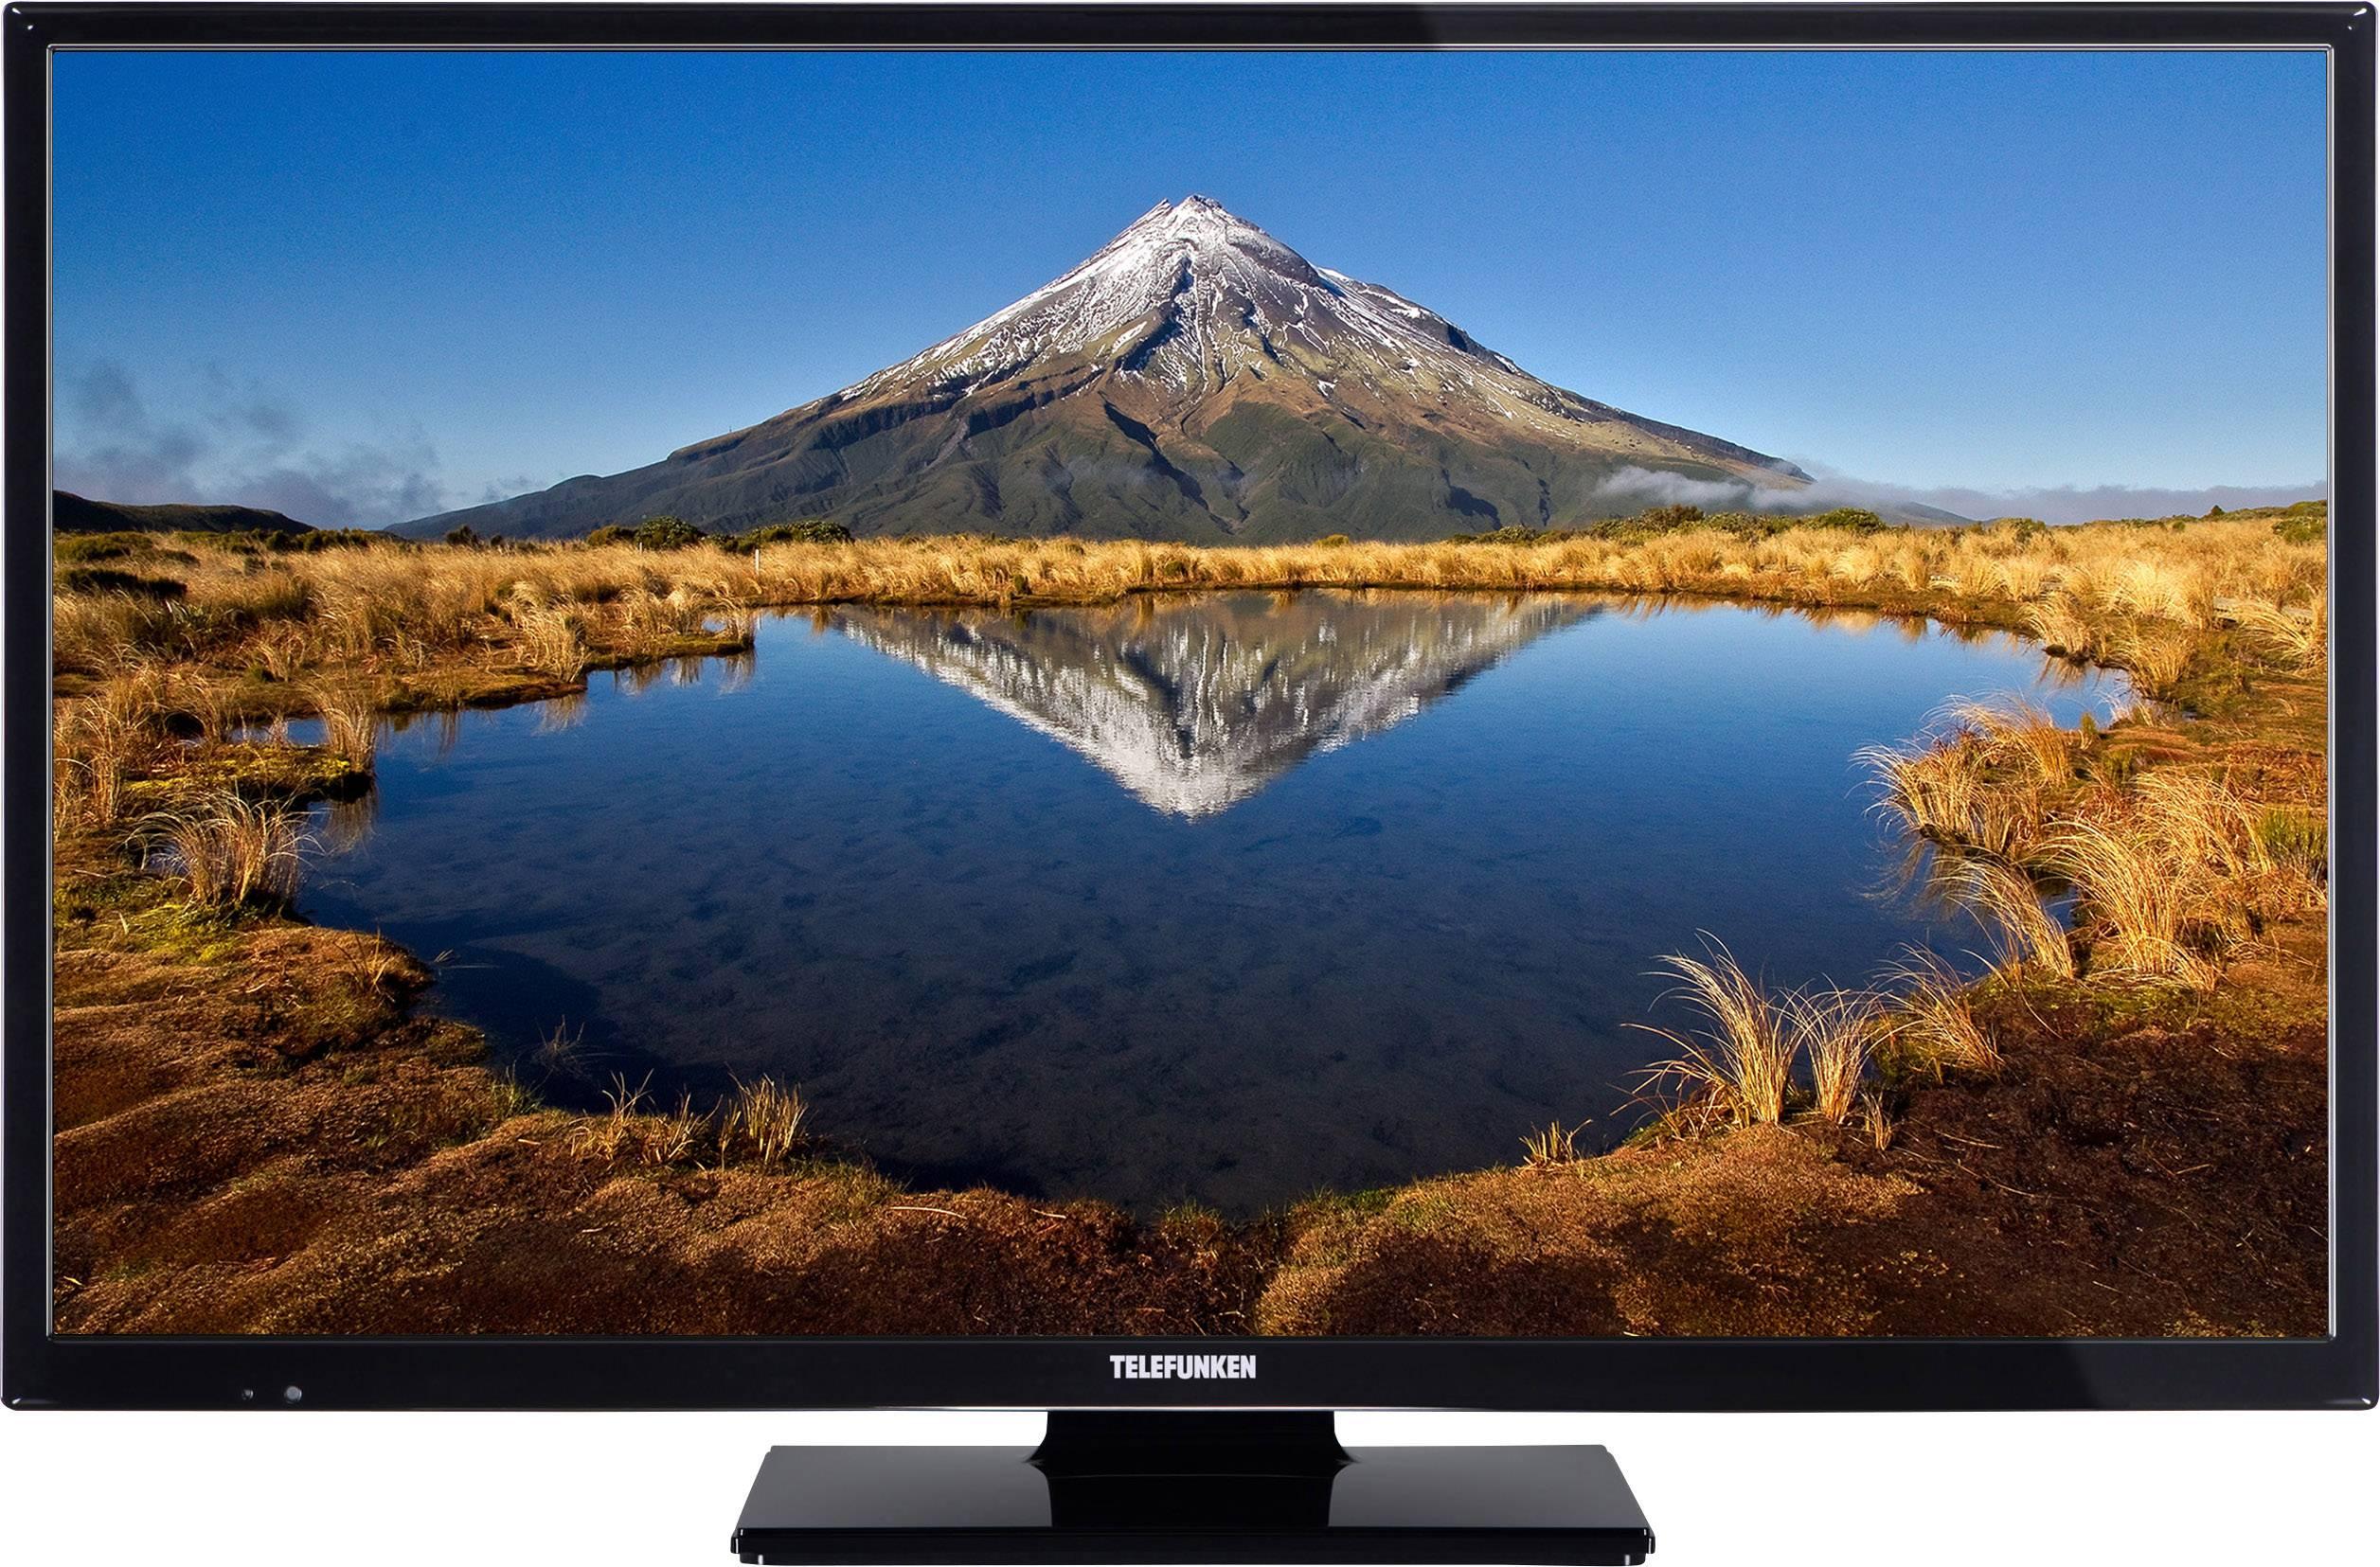 Telefunken C32H440A LED TV 81 cm 32